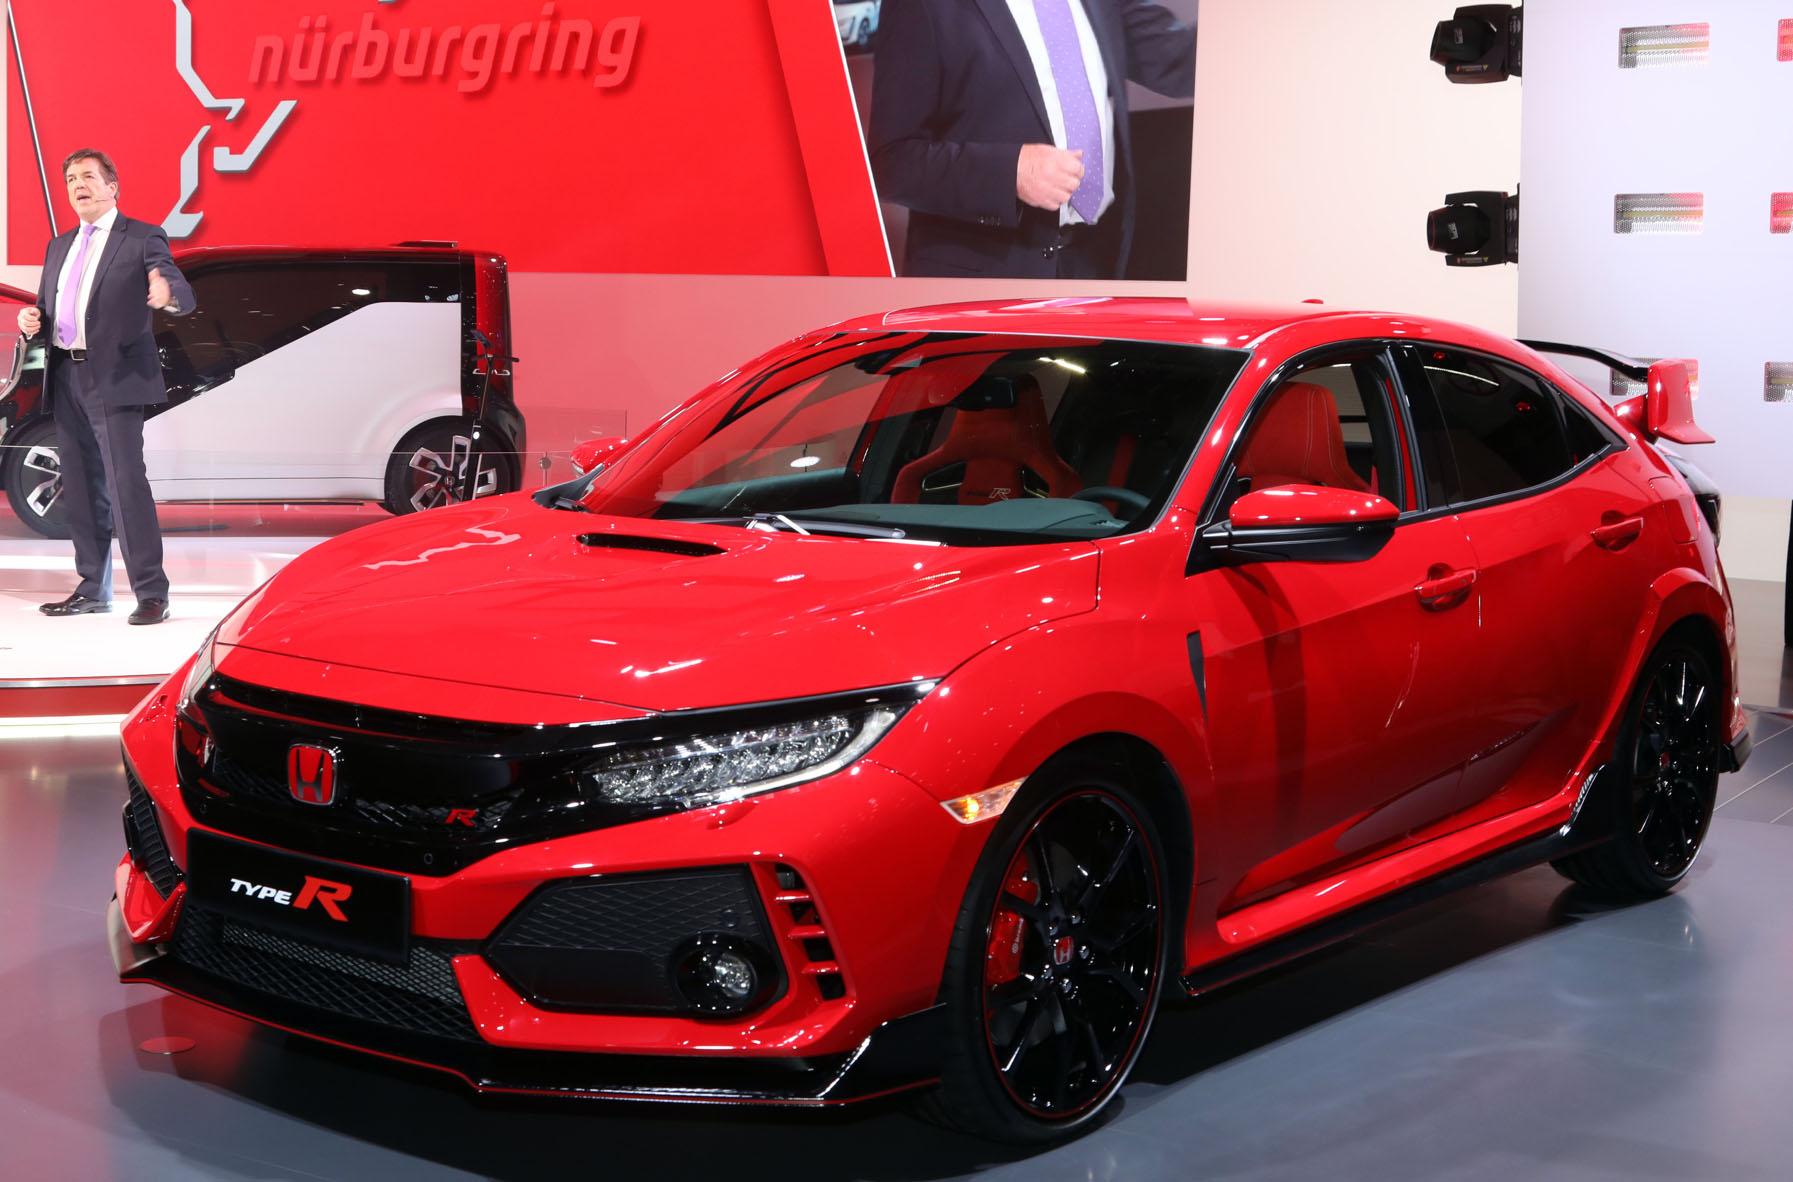 2017 Honda Civic Type R Wallpaper HD Car Wallpapers 1793x1182